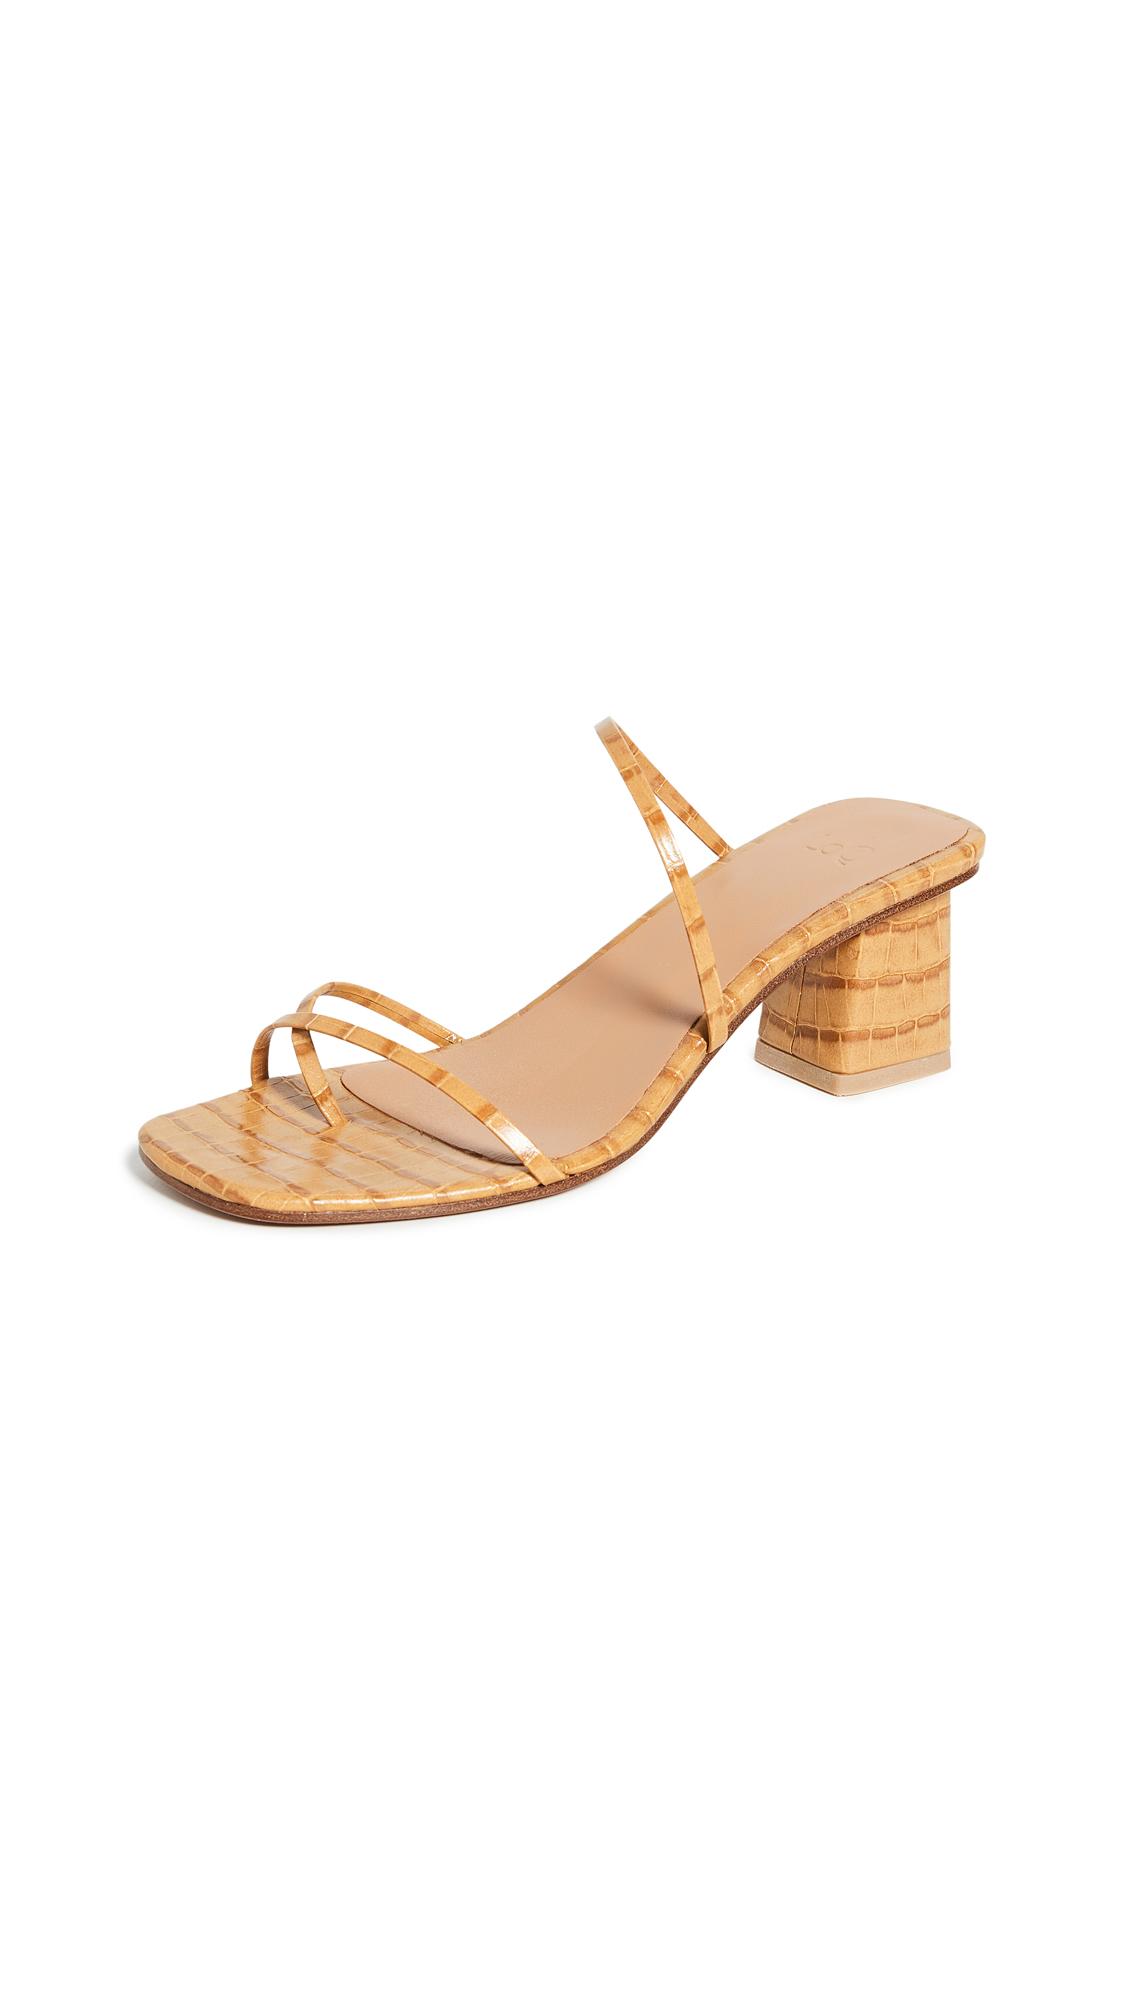 Buy LOQ Manola Sandals online, shop LOQ